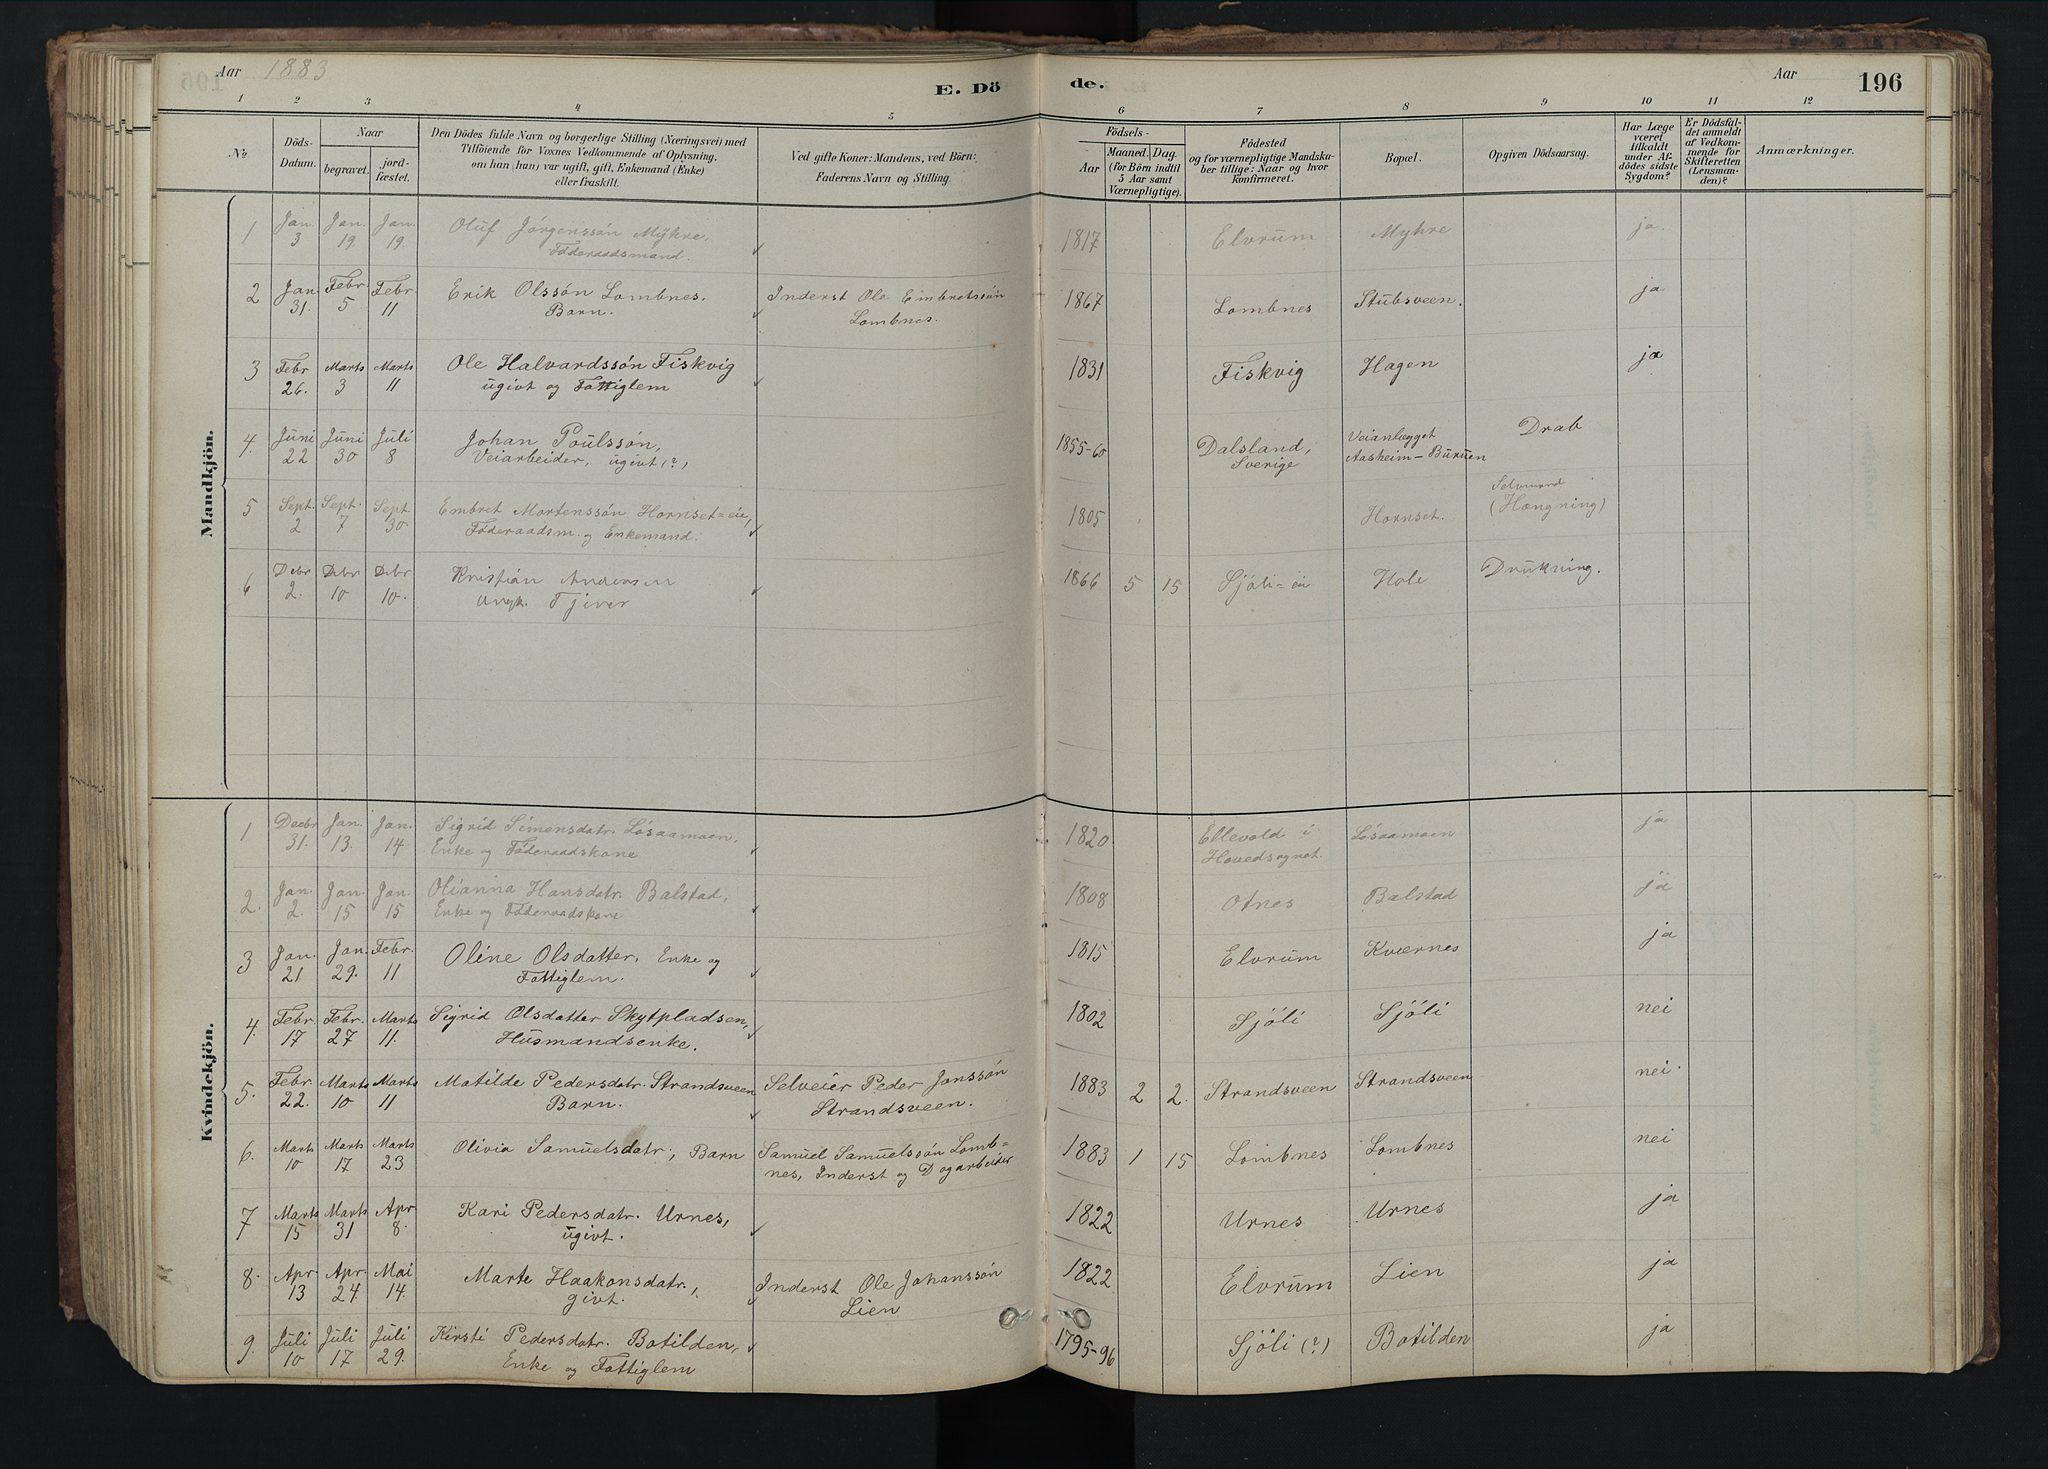 SAH, Rendalen prestekontor, H/Ha/Hab/L0009: Klokkerbok nr. 9, 1879-1902, s. 196